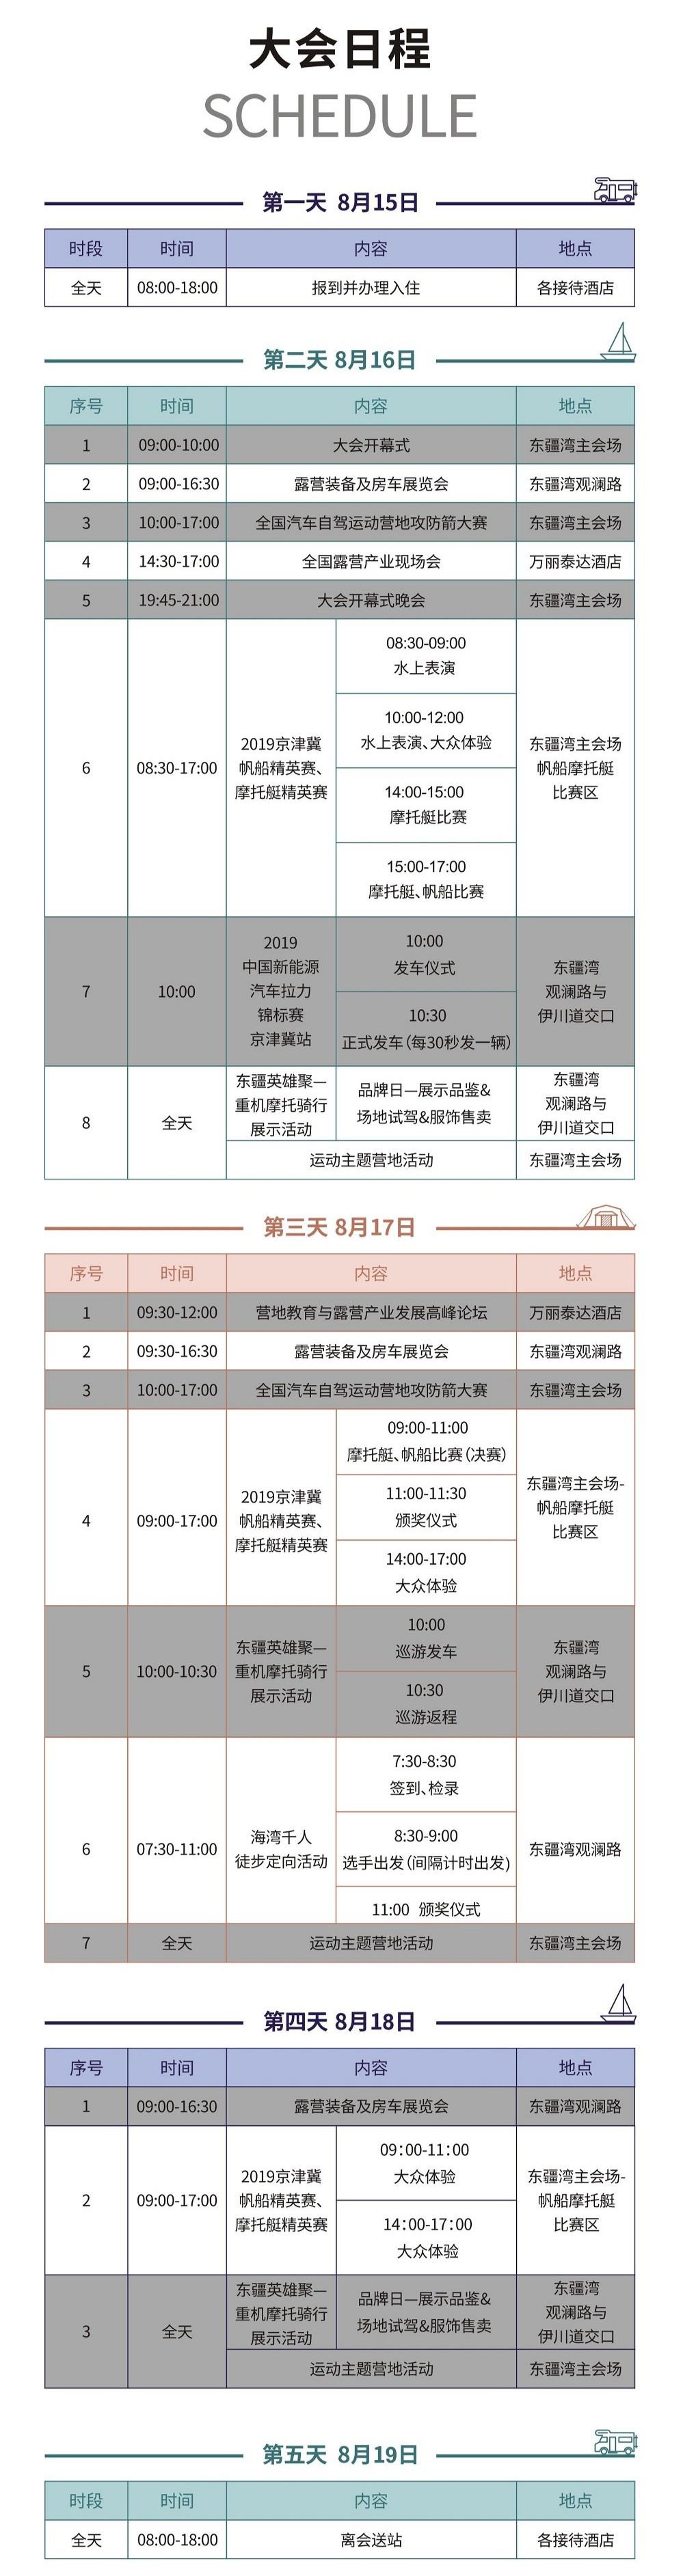 營在濱海,快樂精彩 | 第六屆中國汽車(房車)露營大會在津盛大開幕 ... ... ...